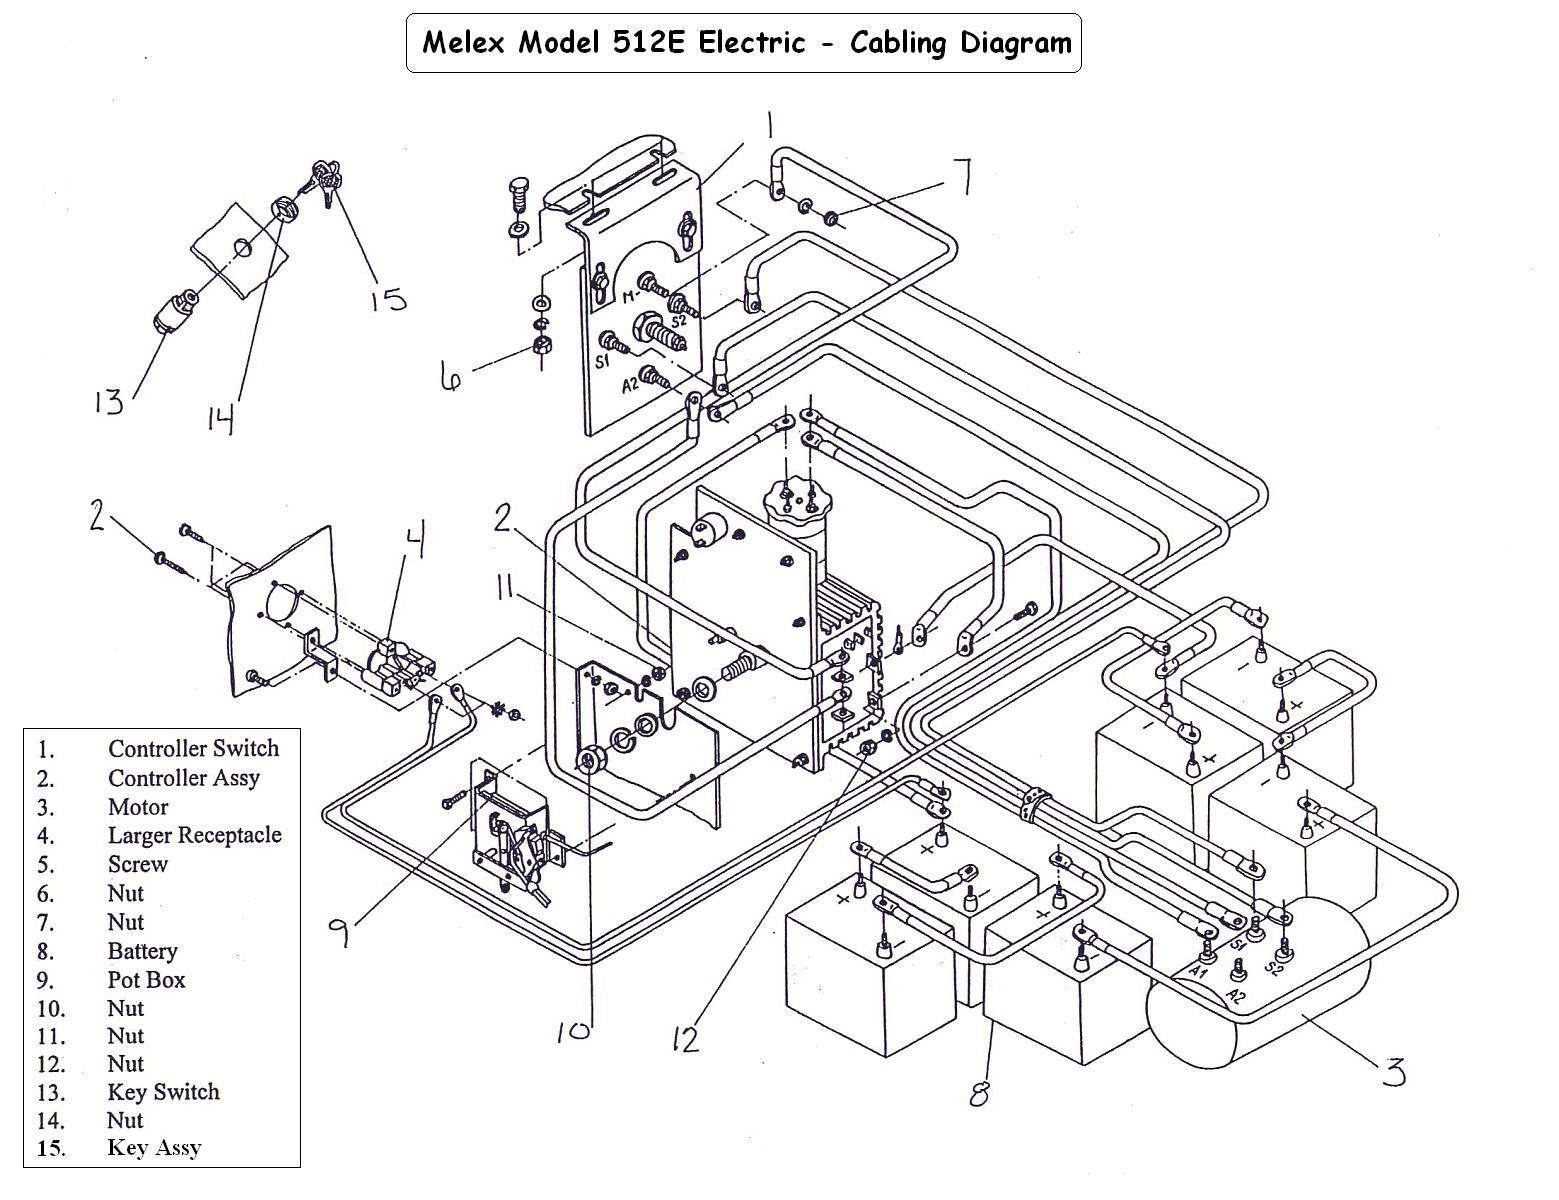 melex 212 wiring diagram golf cart wiring diagram ez go golf wiring New Holland Wiring Schematic melex golf cart wiring diagram melex wiring diagrams online melex golf cart wiring diagram